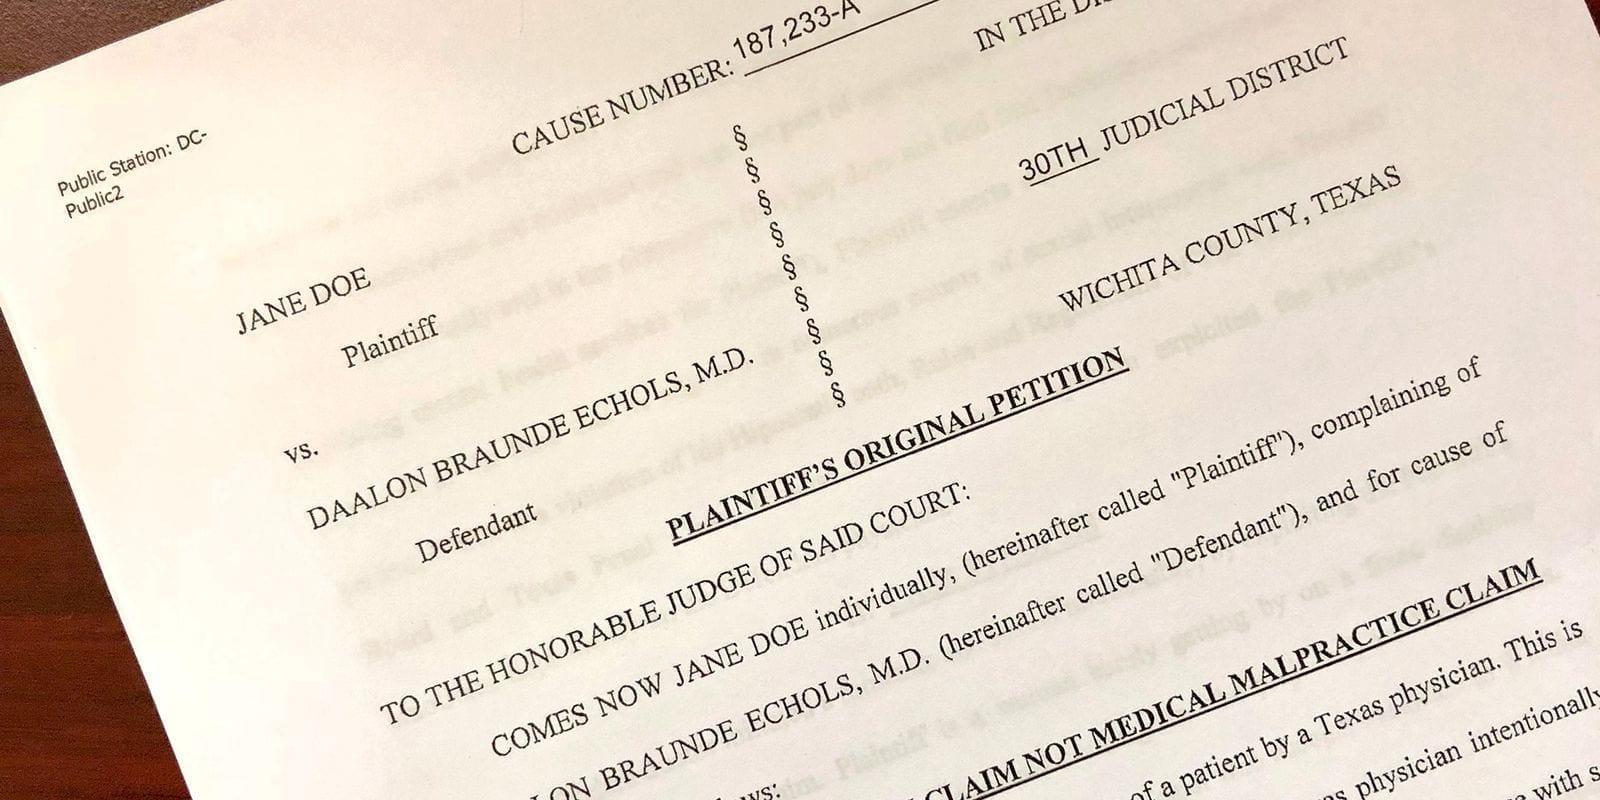 Image of the Lawsuit Against Dr. Echols